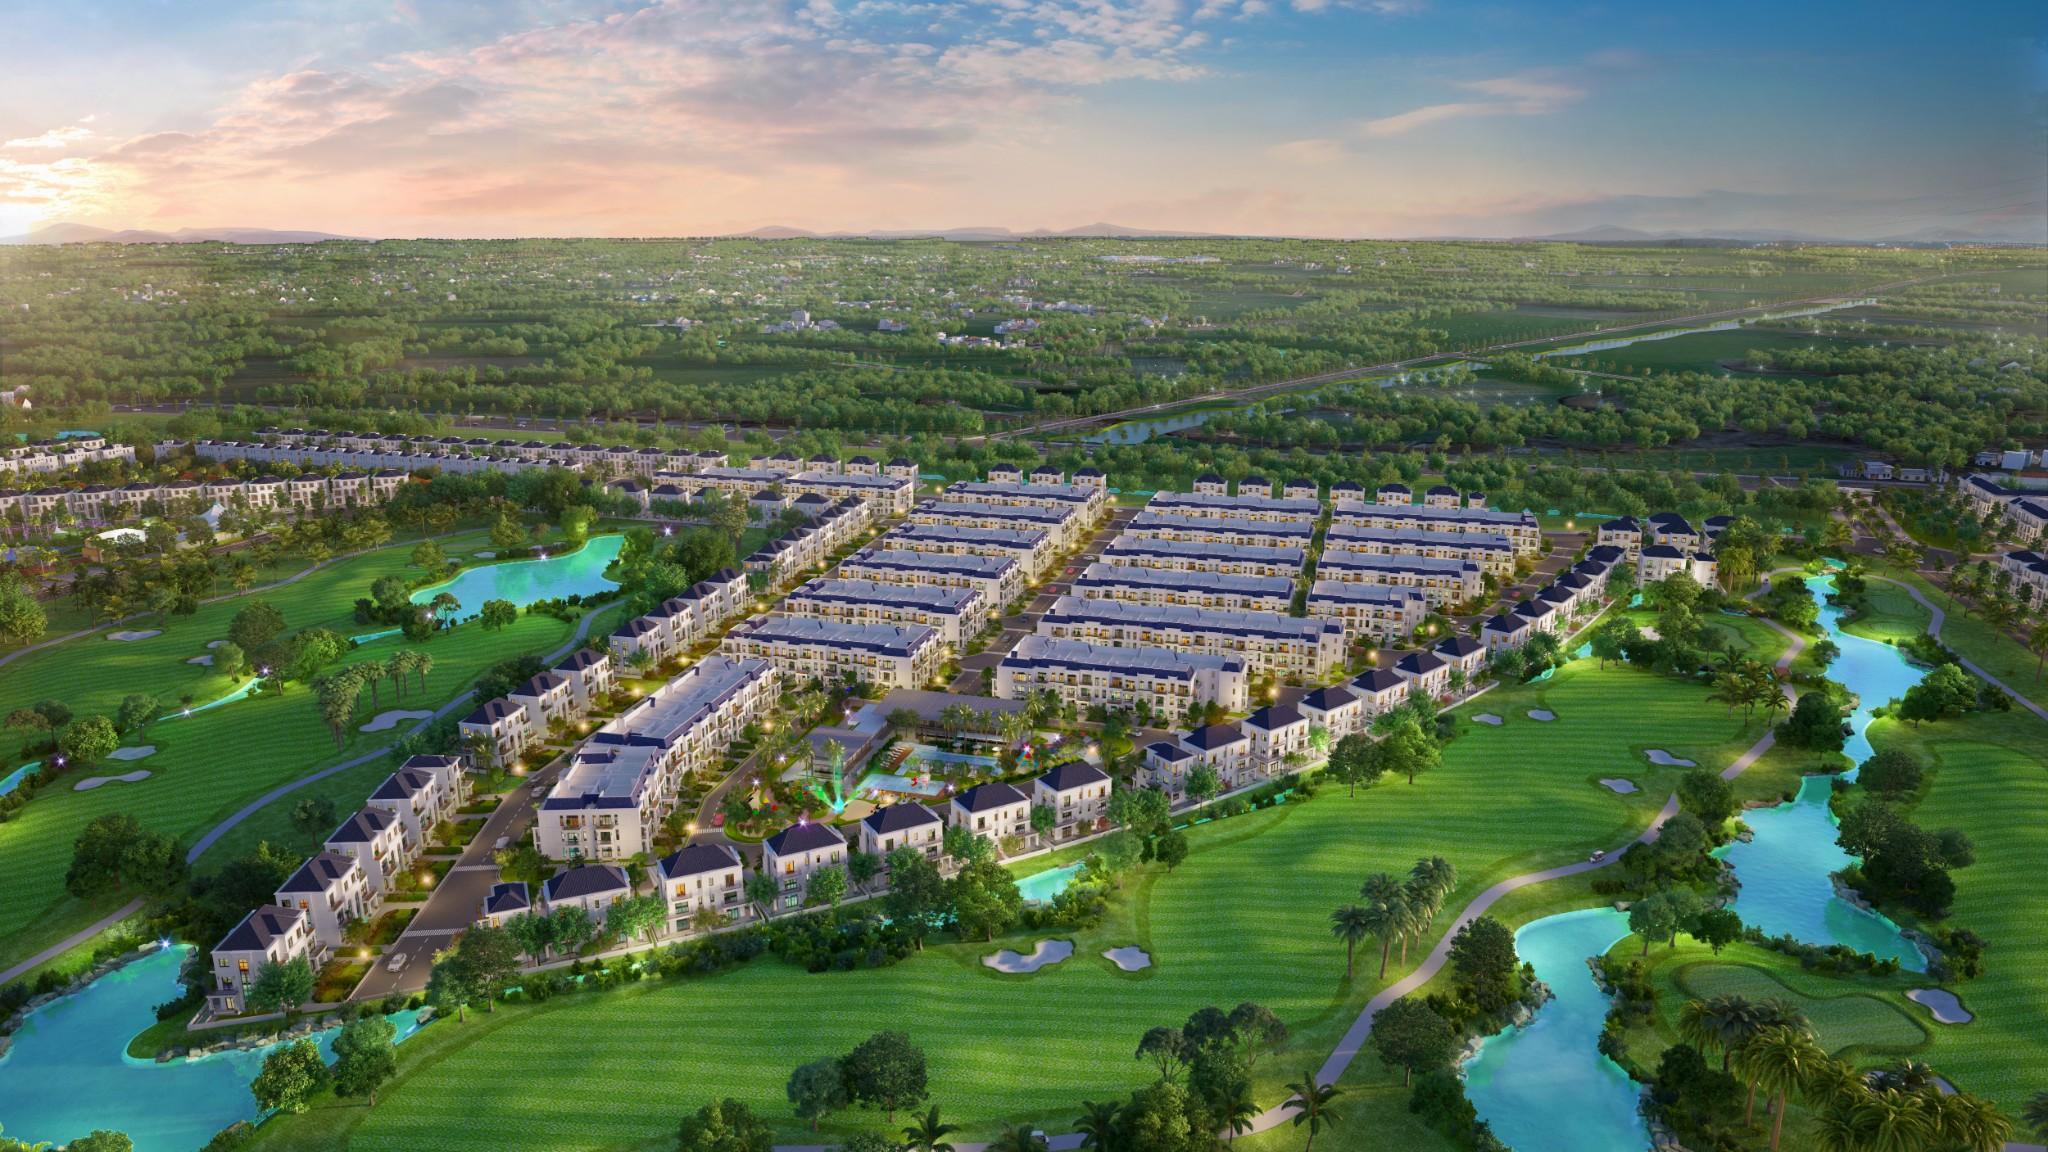 Điều gì khiến bất động sản nghỉ dưỡng ven đô hút khách?